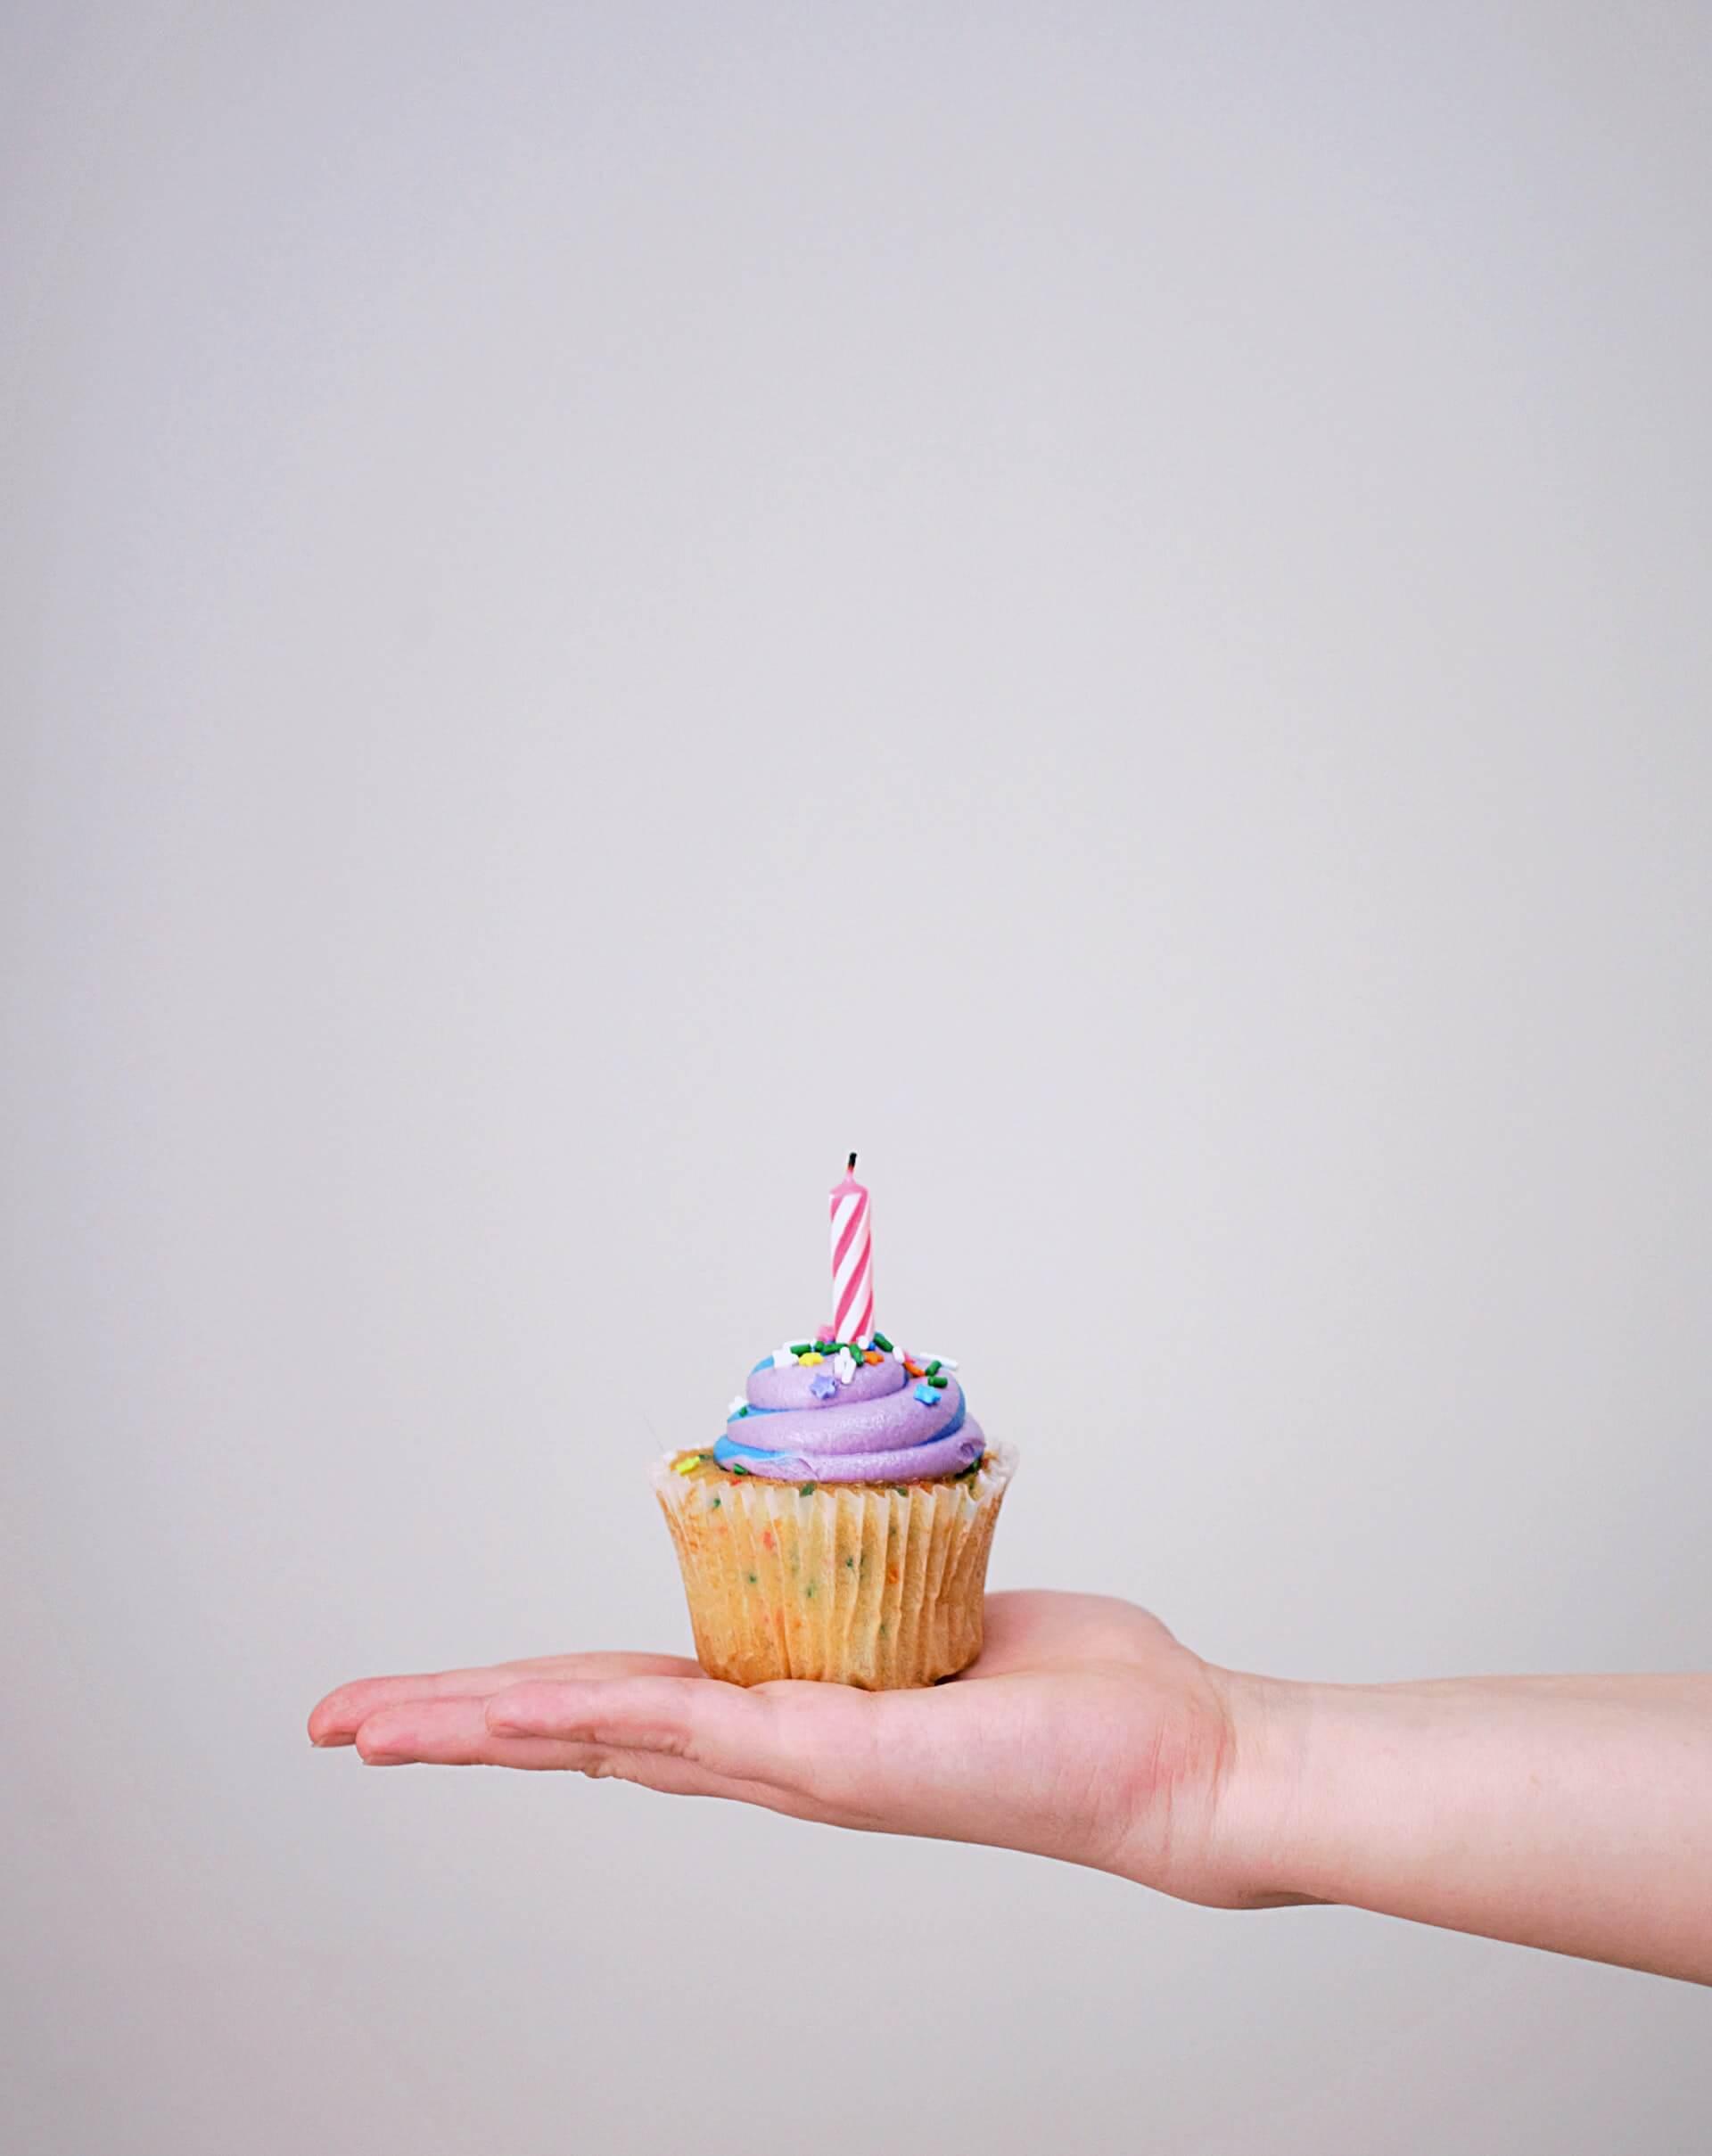 un cupcake d'anniversaire dans une main